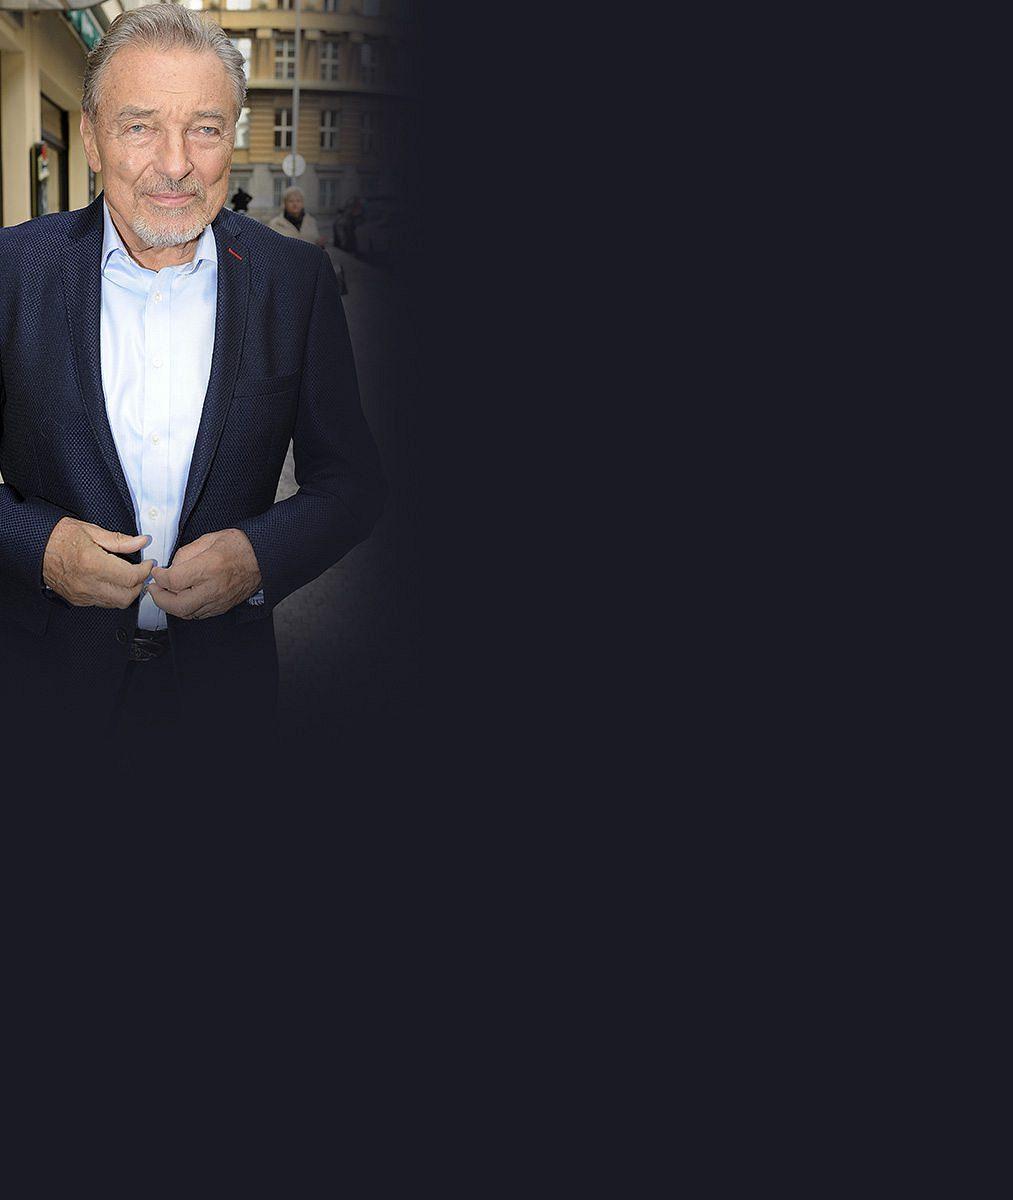 Ani retuš, ani archiv: Karel Gott potěšil fanoušky svou aktuální fotkou